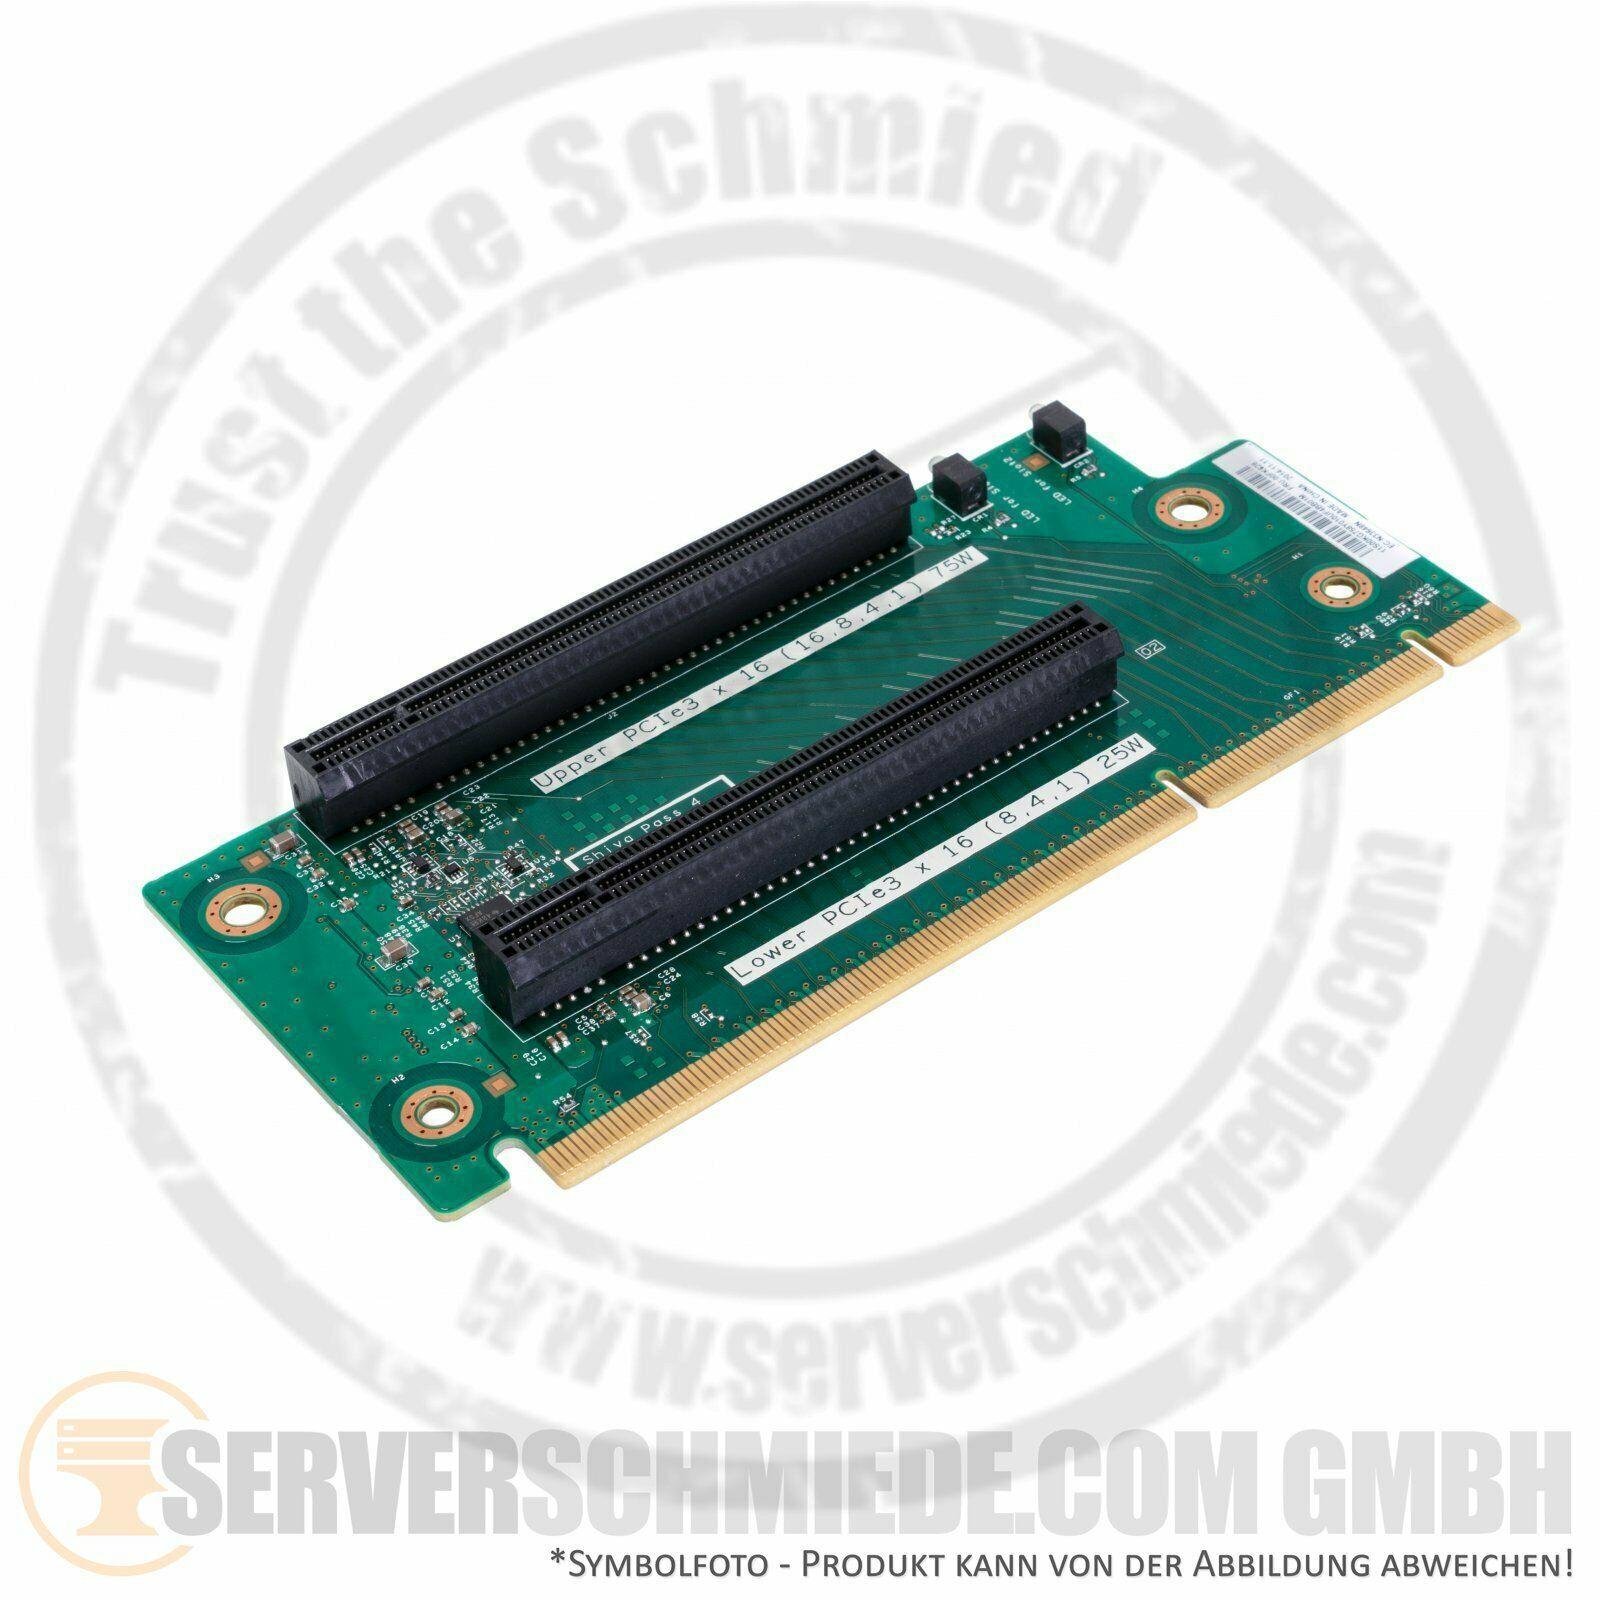 IBM 3650M5  Riser Card 2x PCIe x16 Slot 00FK628